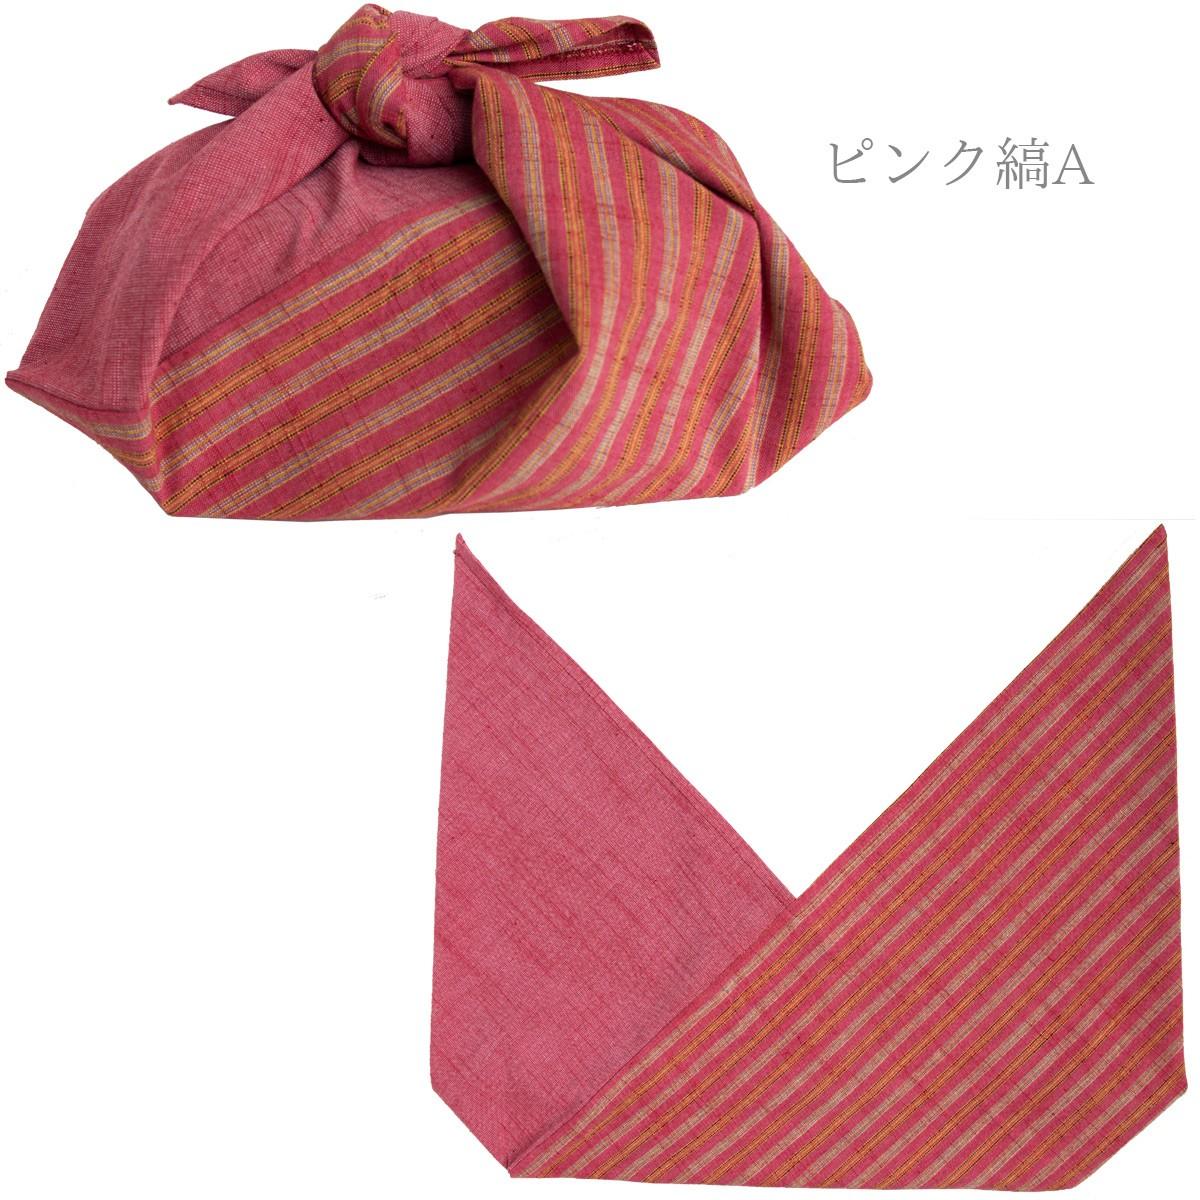 ピンク縞A